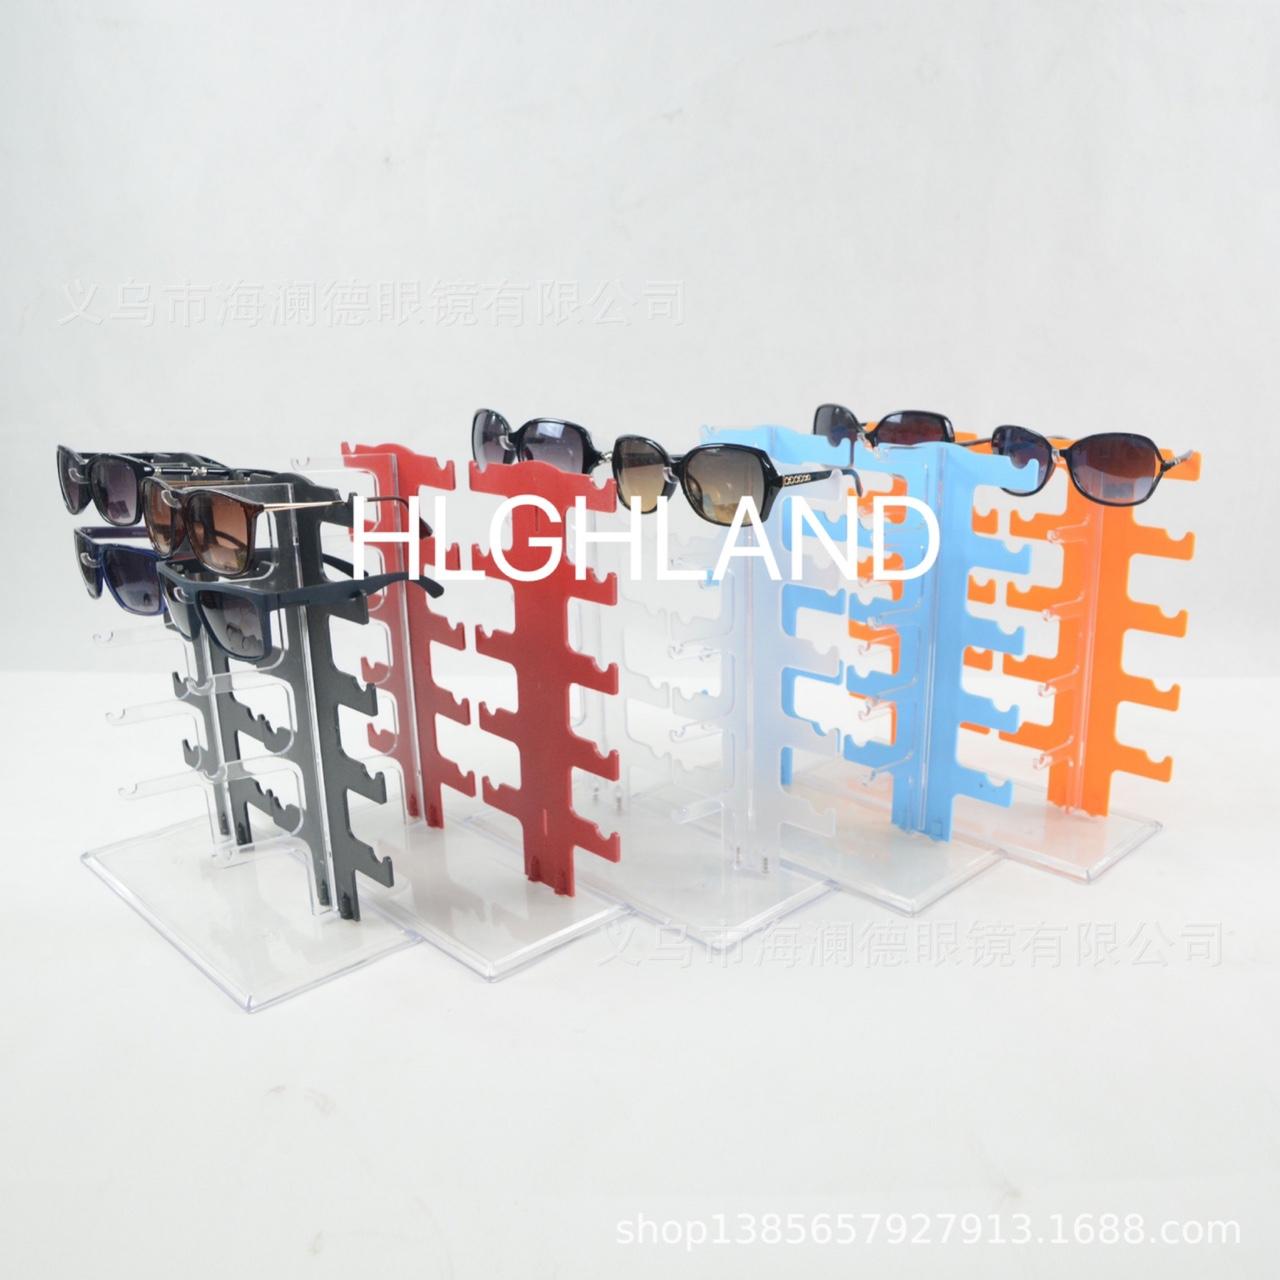 海澜德工厂直销 眼镜架眼镜展示架塑料道具亚克力架